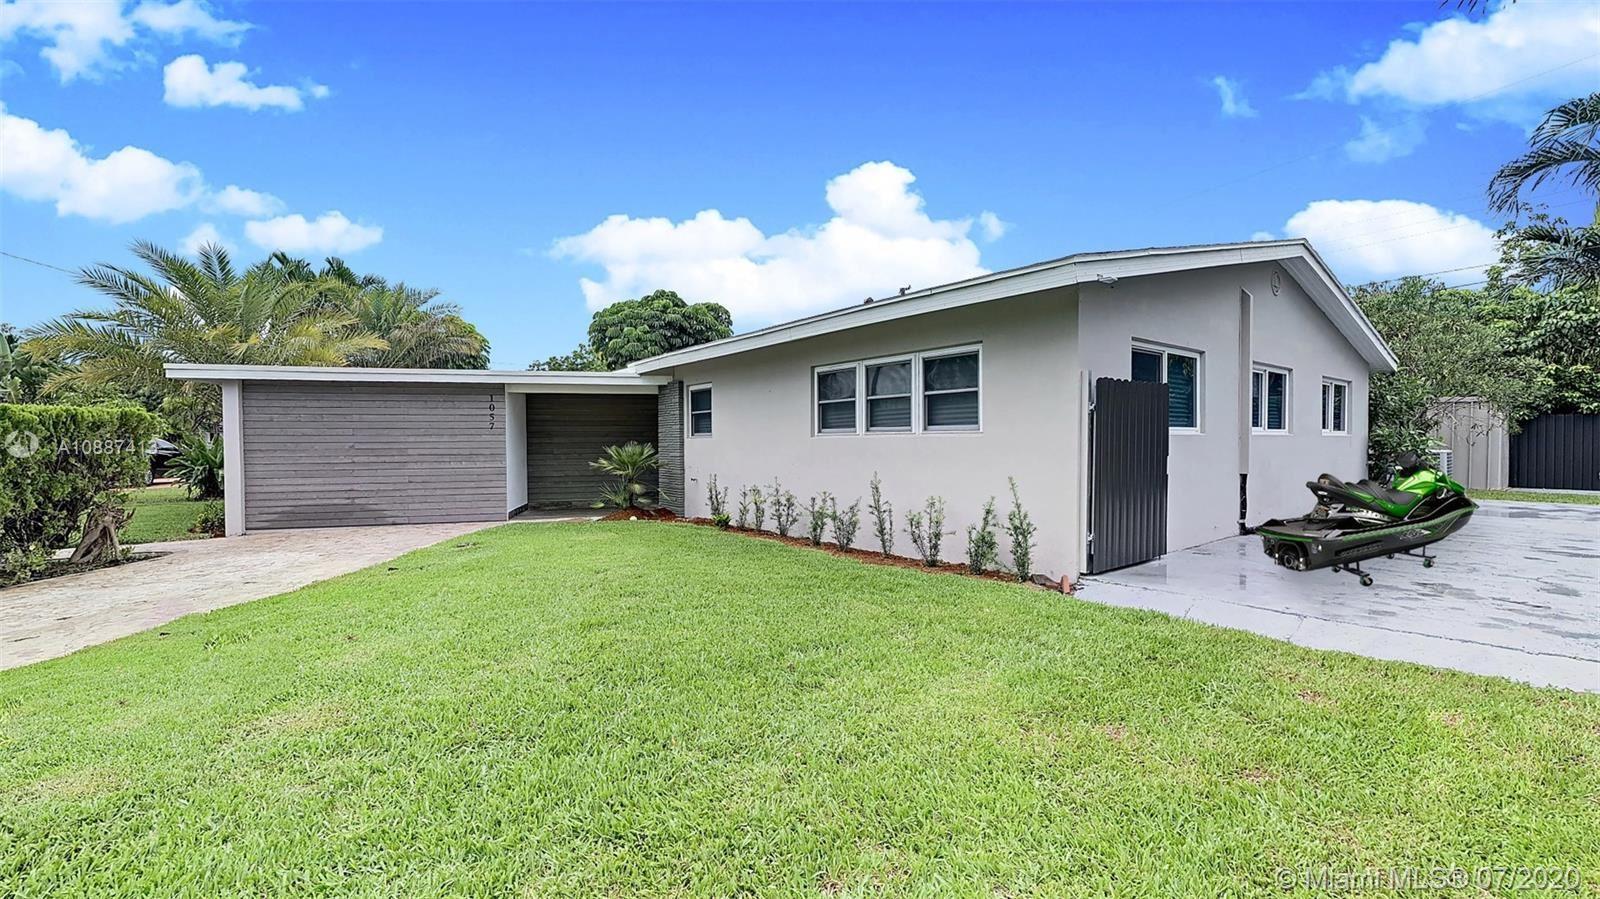 1057 NE 109 th st, Miami, FL 33161 - #: A10887413